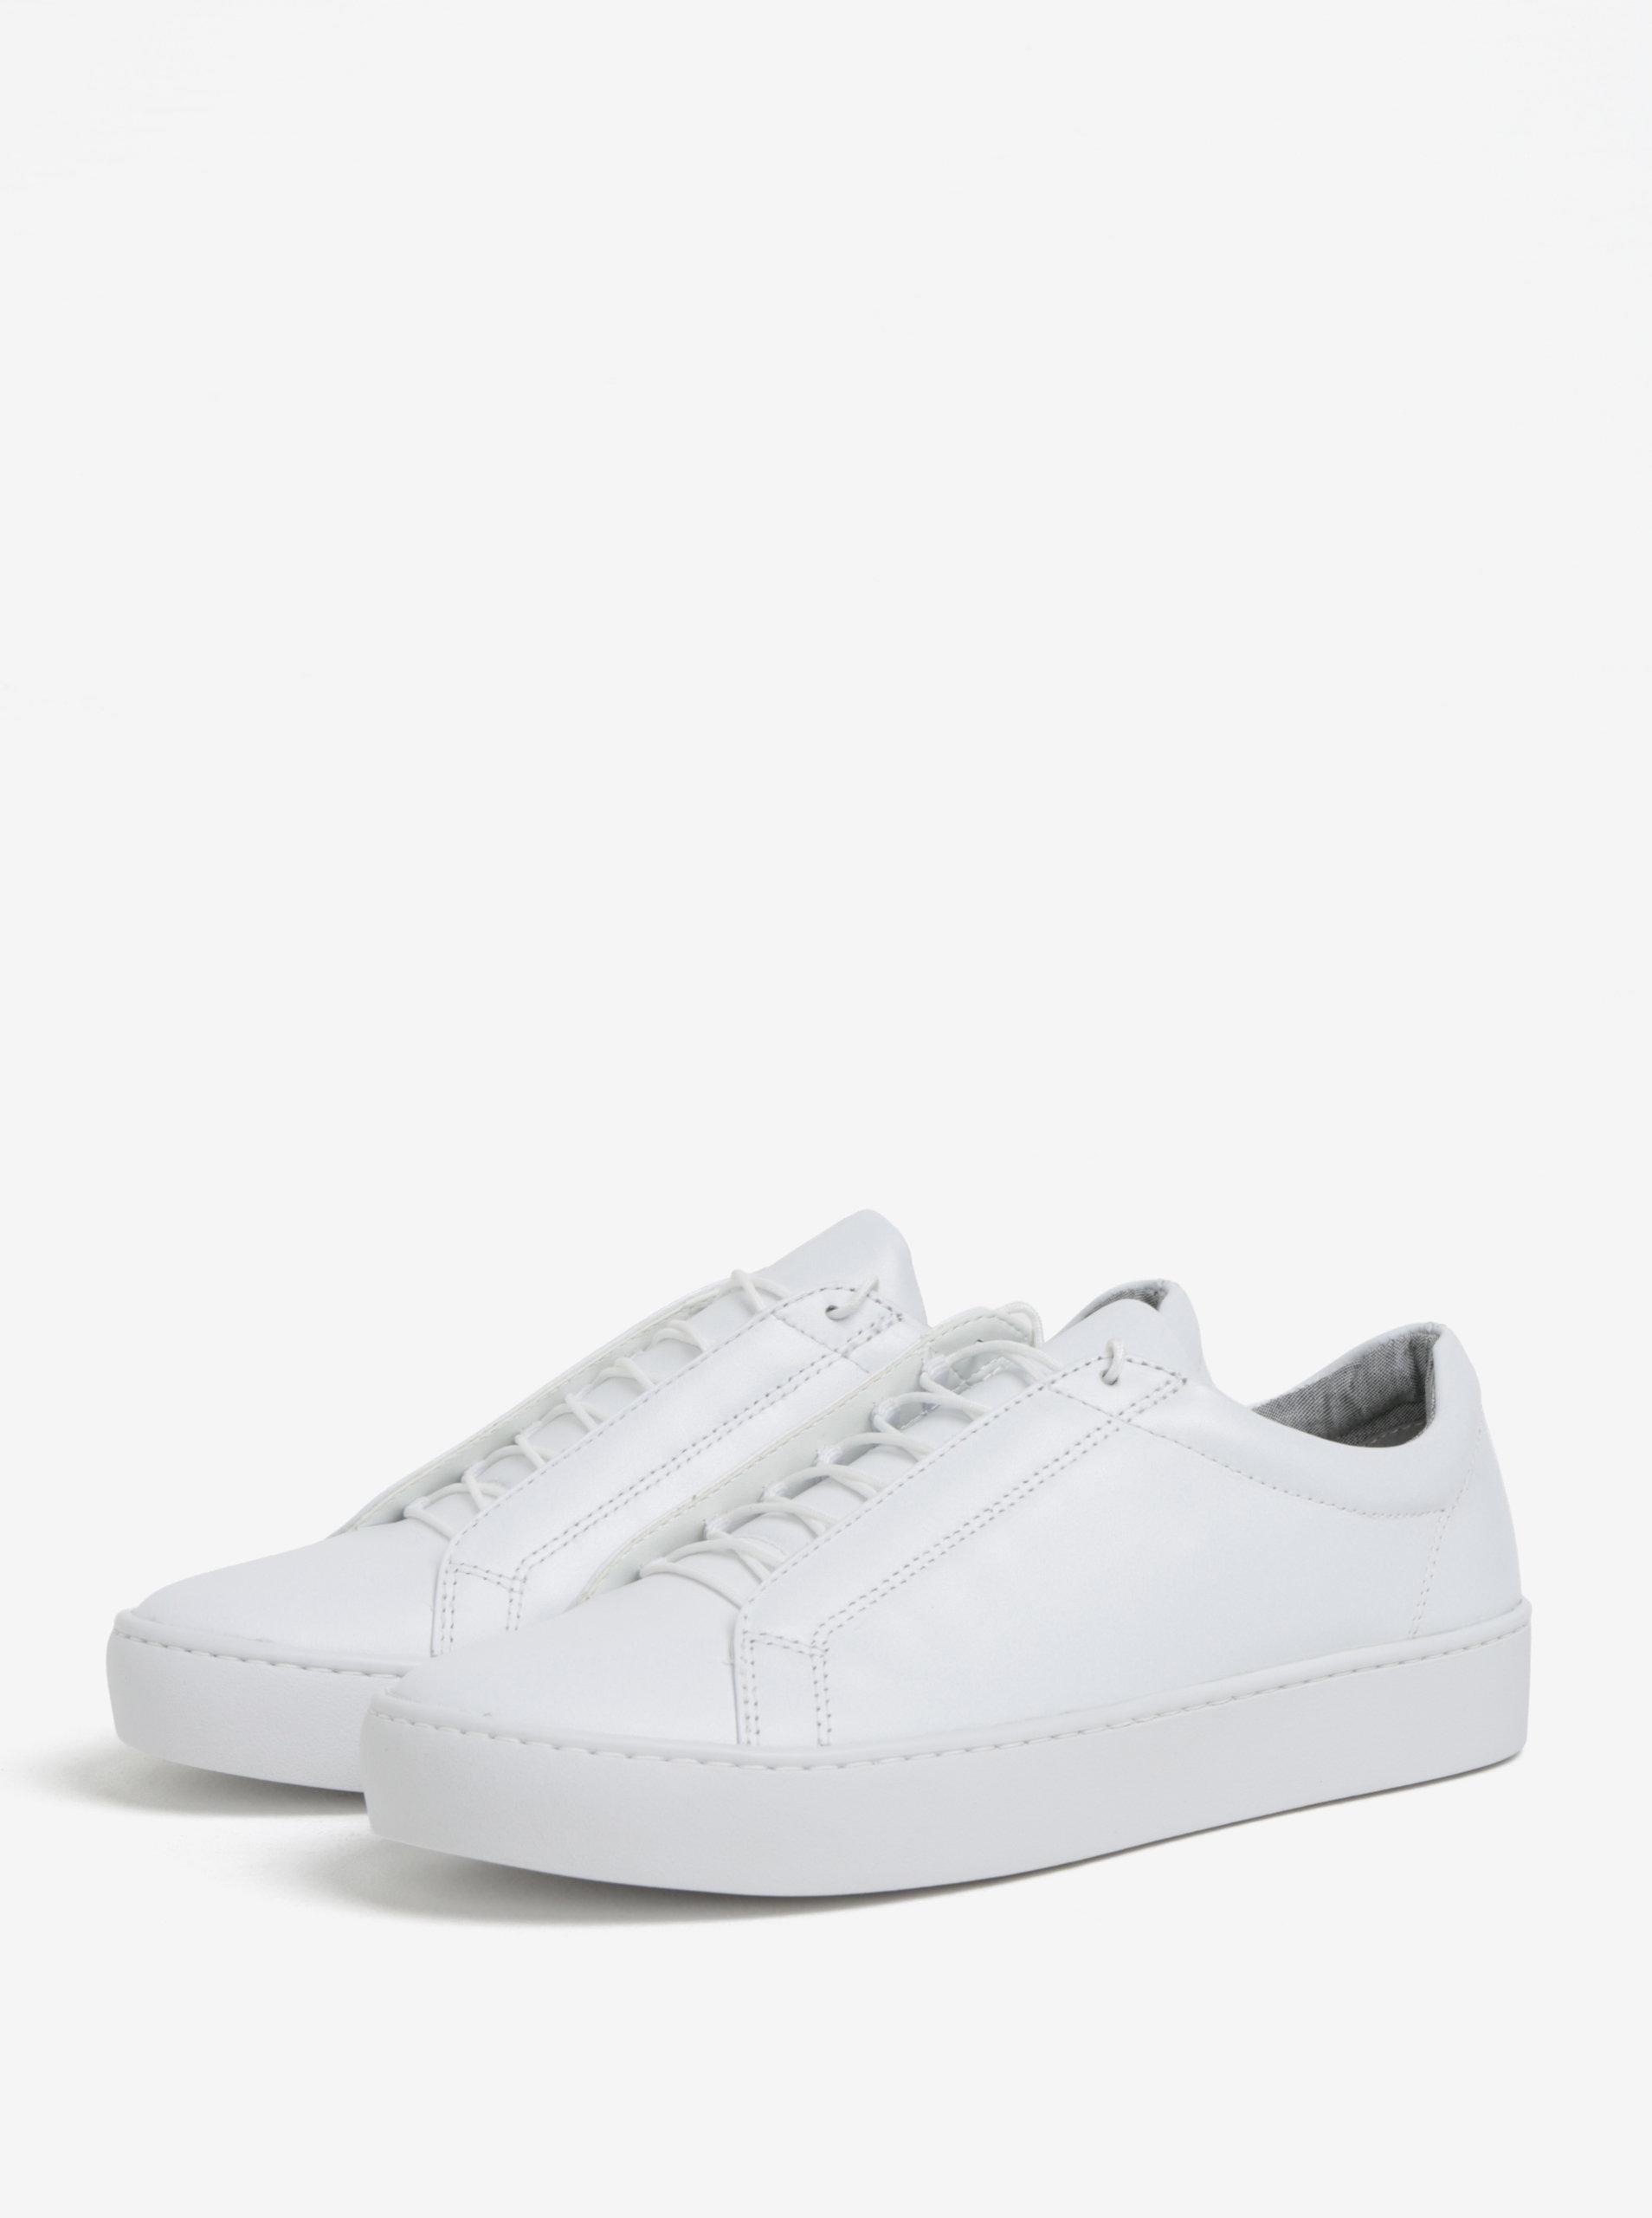 Biele dámske tenisky na platforme Vagabond Zoe ... 557679bee28